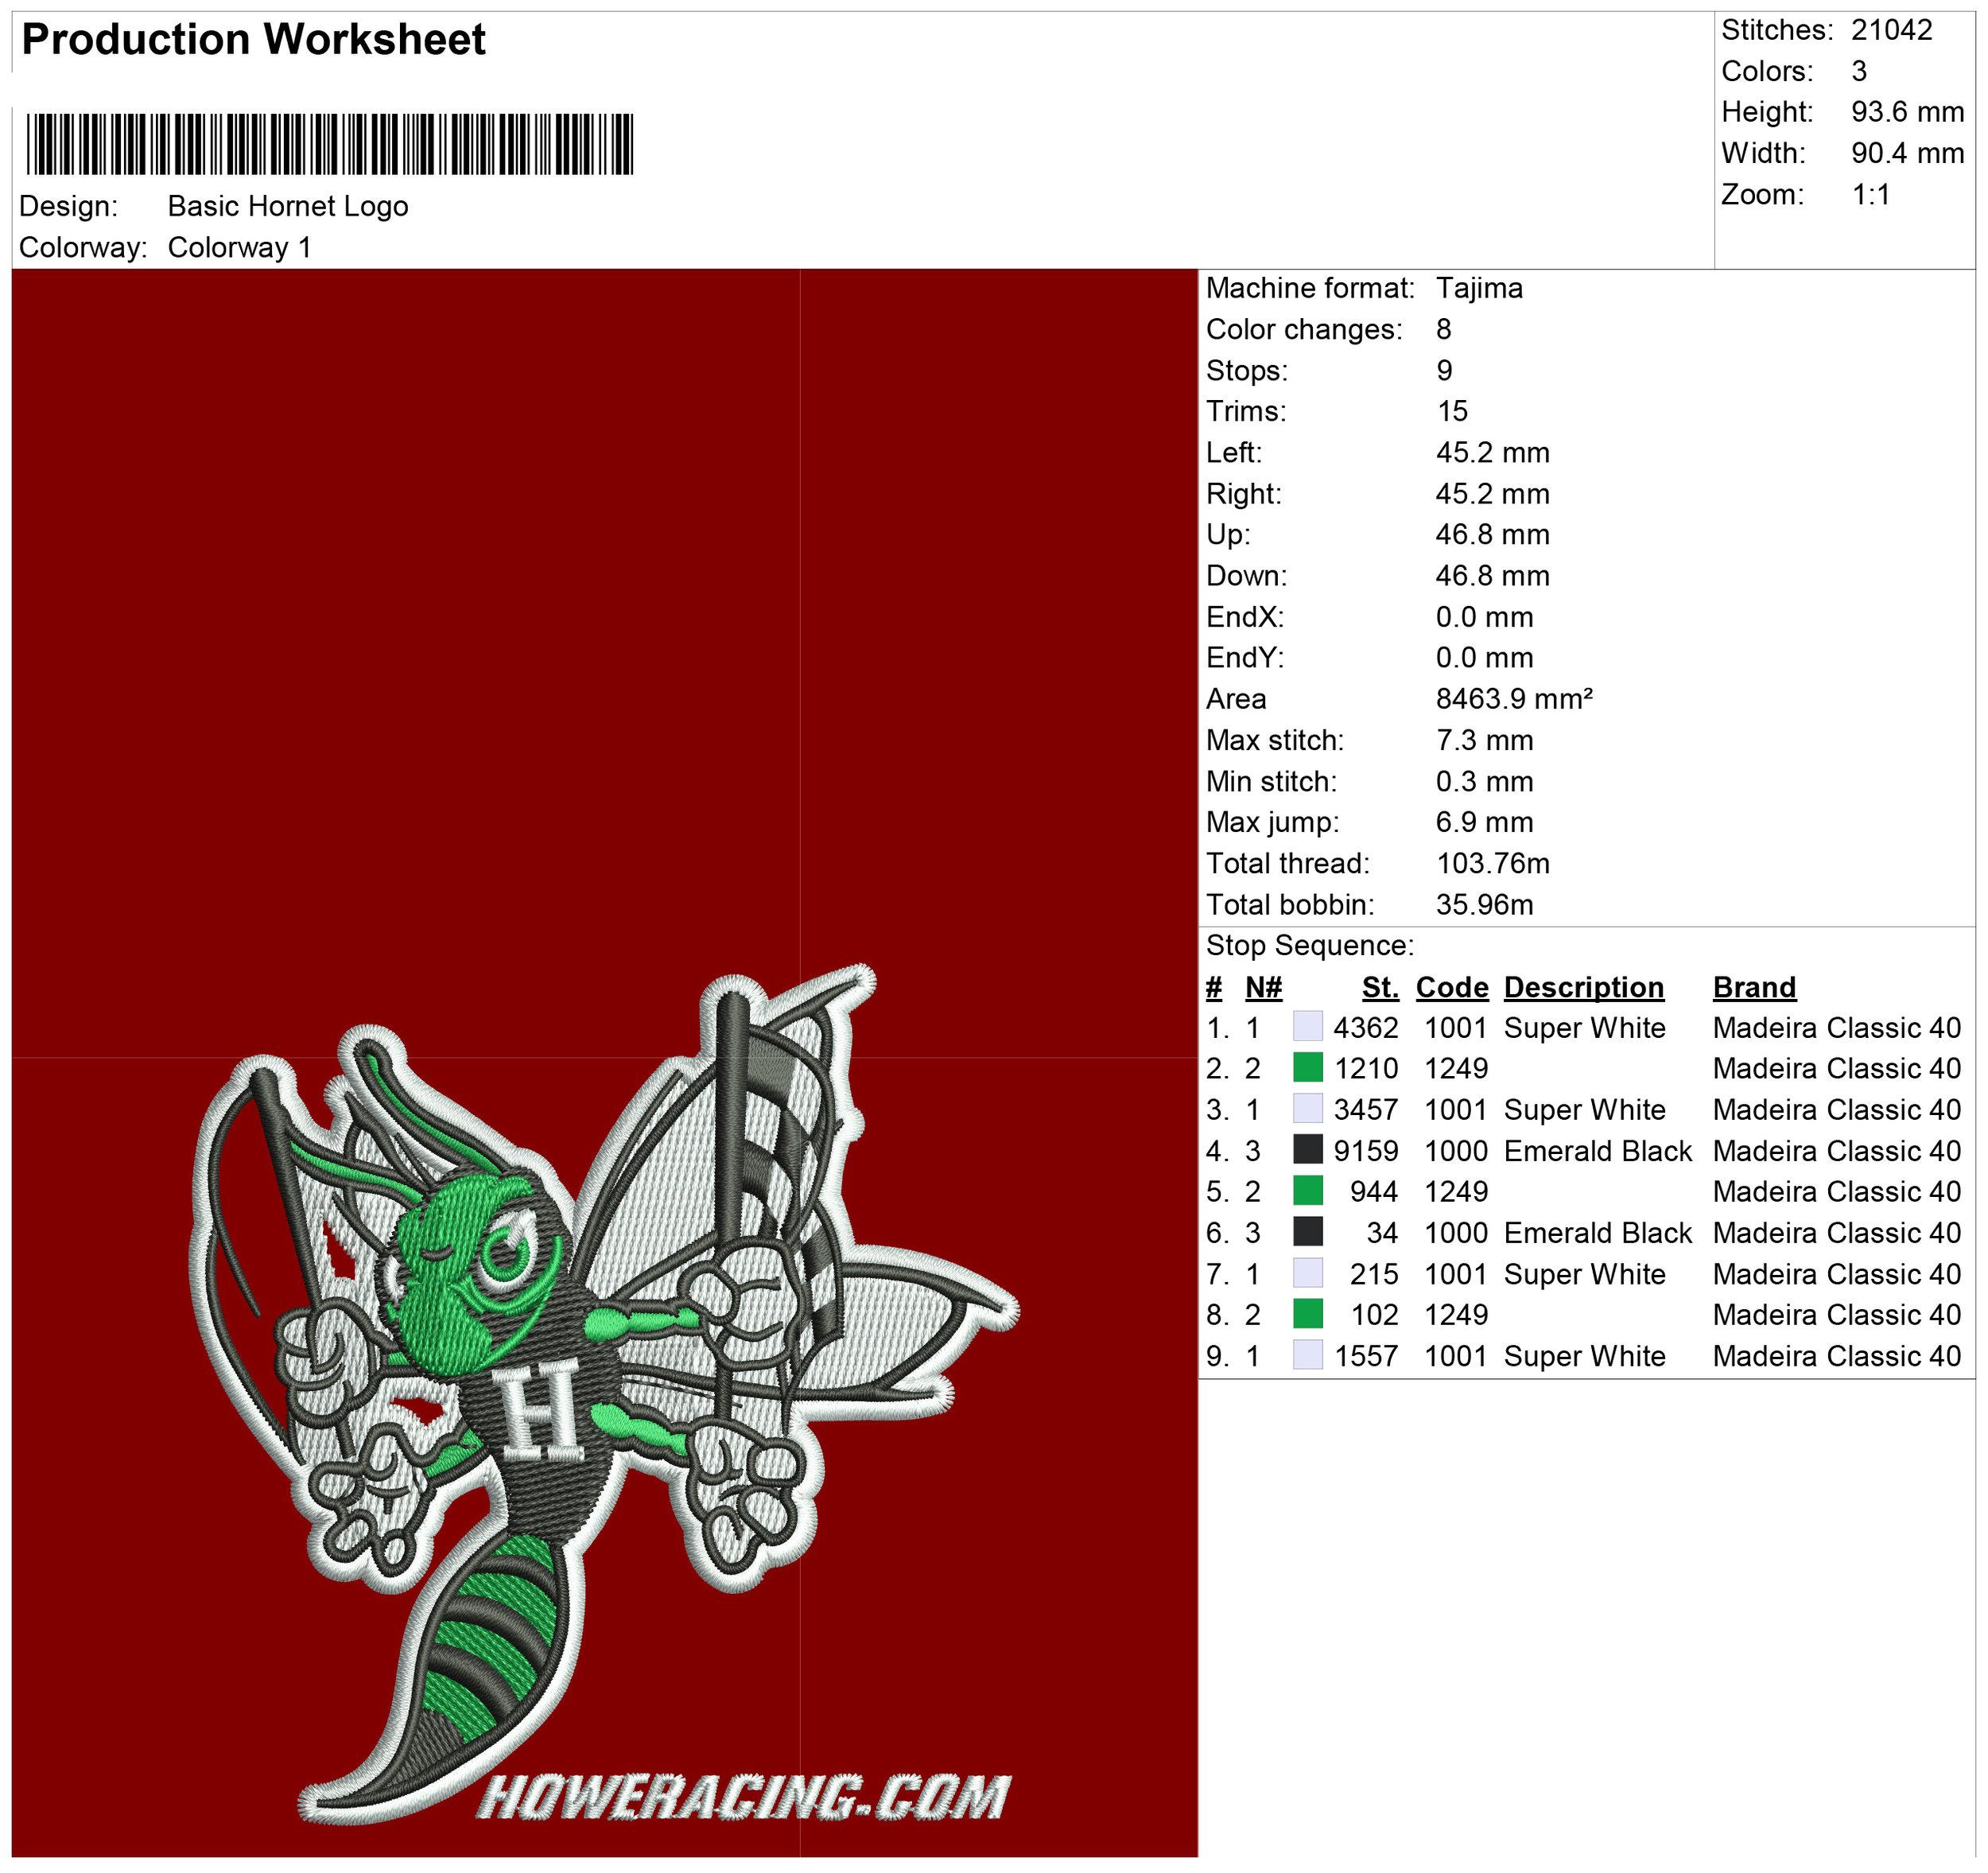 Basic Hornet Logo.jpg